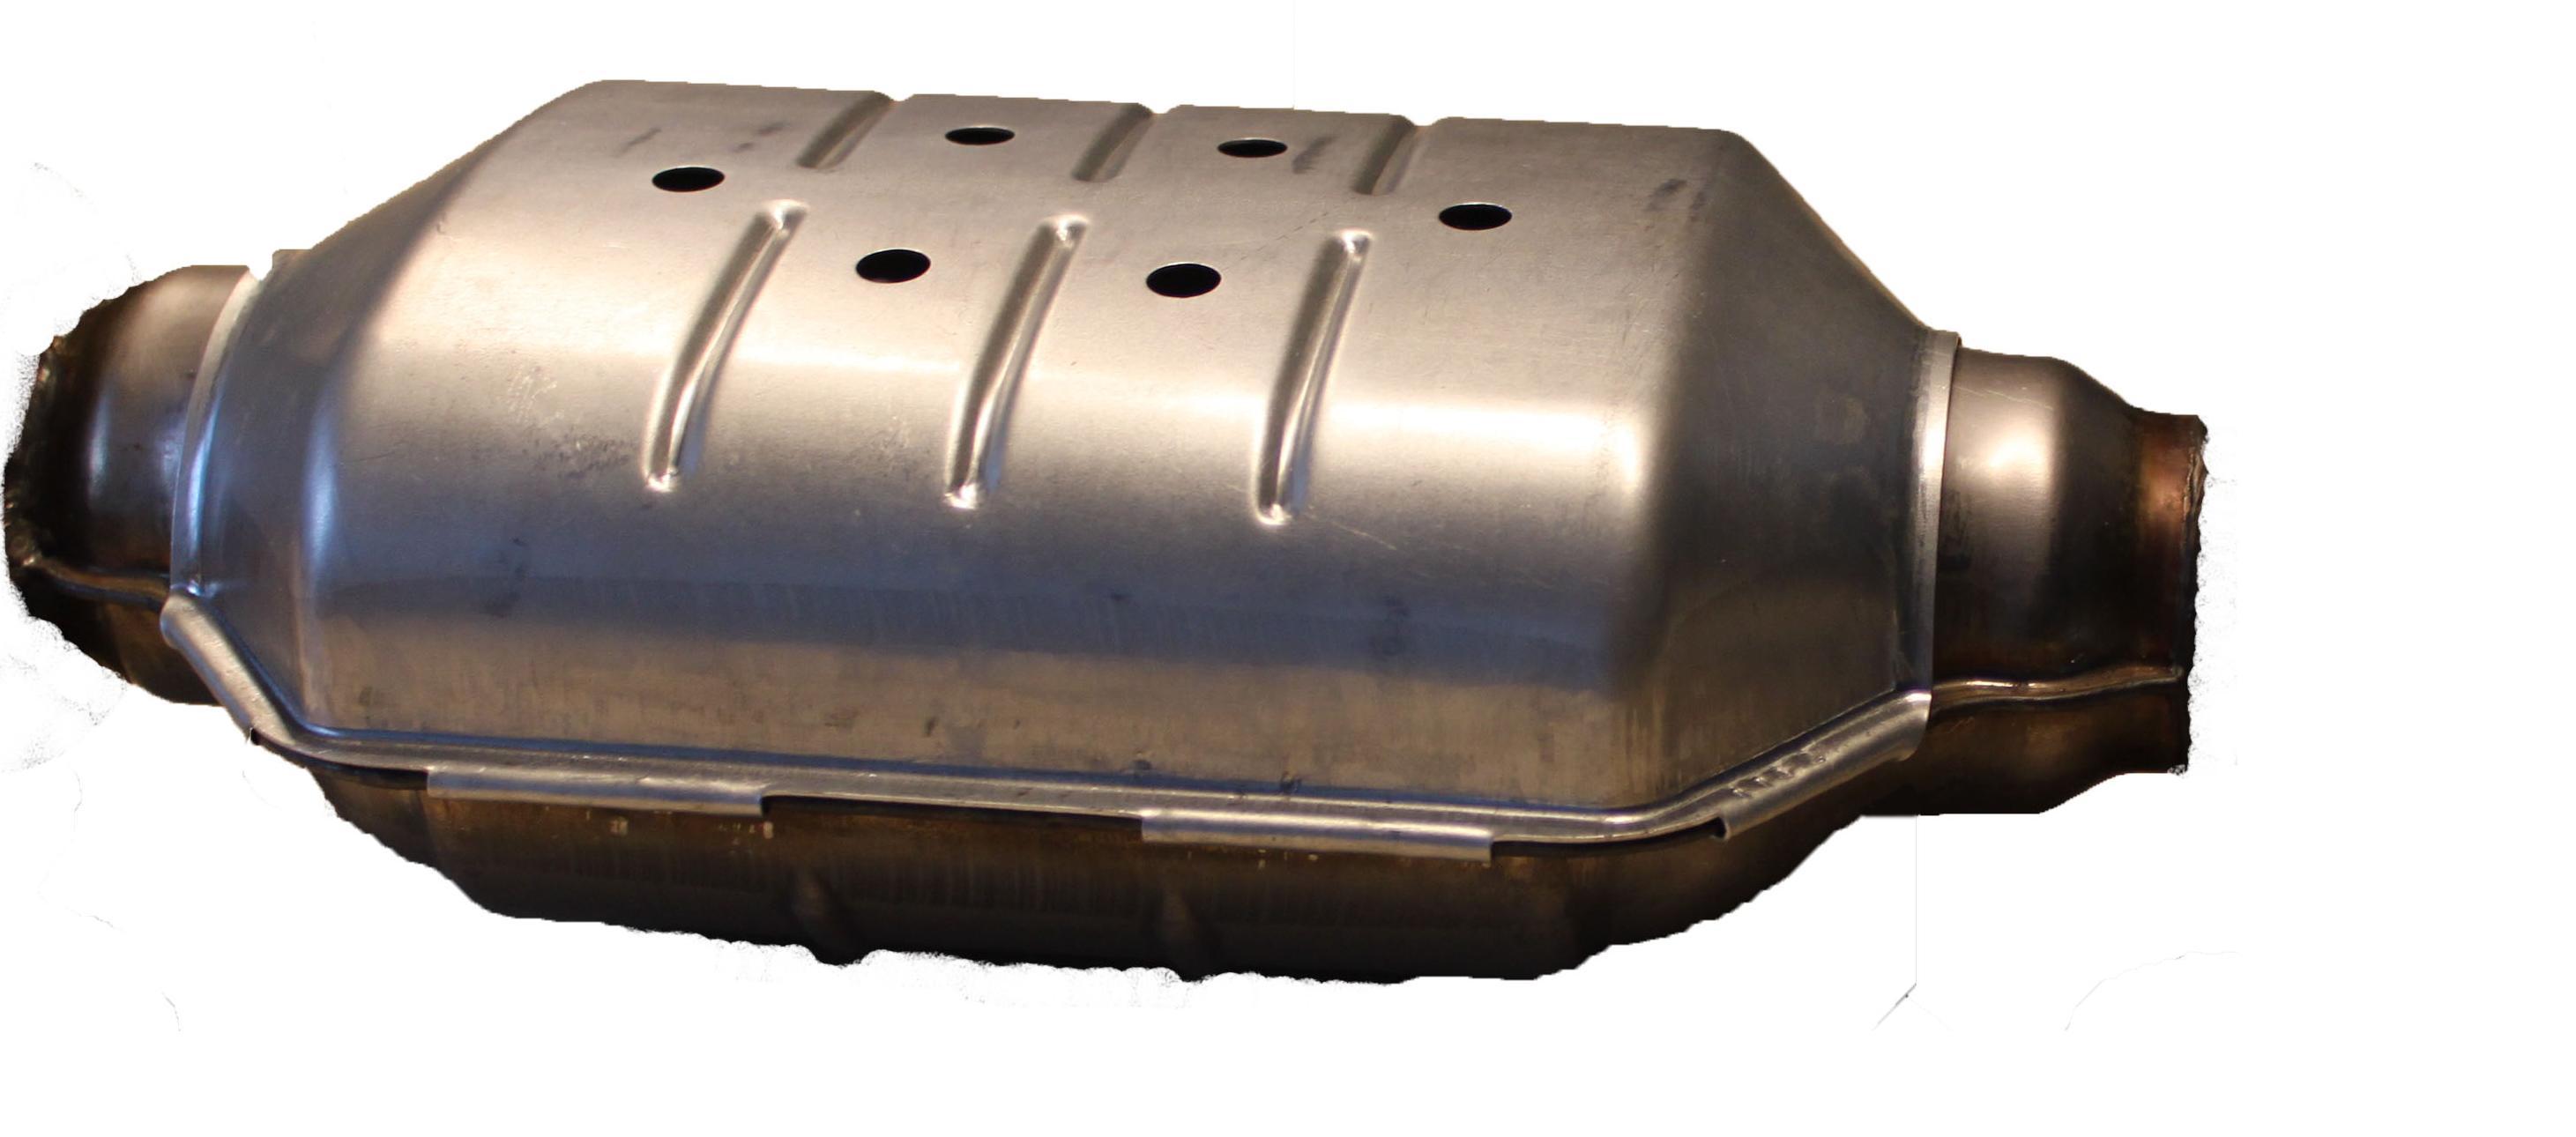 Универсальный нейтрализатор 95,8 х 170 L316* (400 ячеек)с дв. 3,0л /Евро-4, URS 2243 Е4